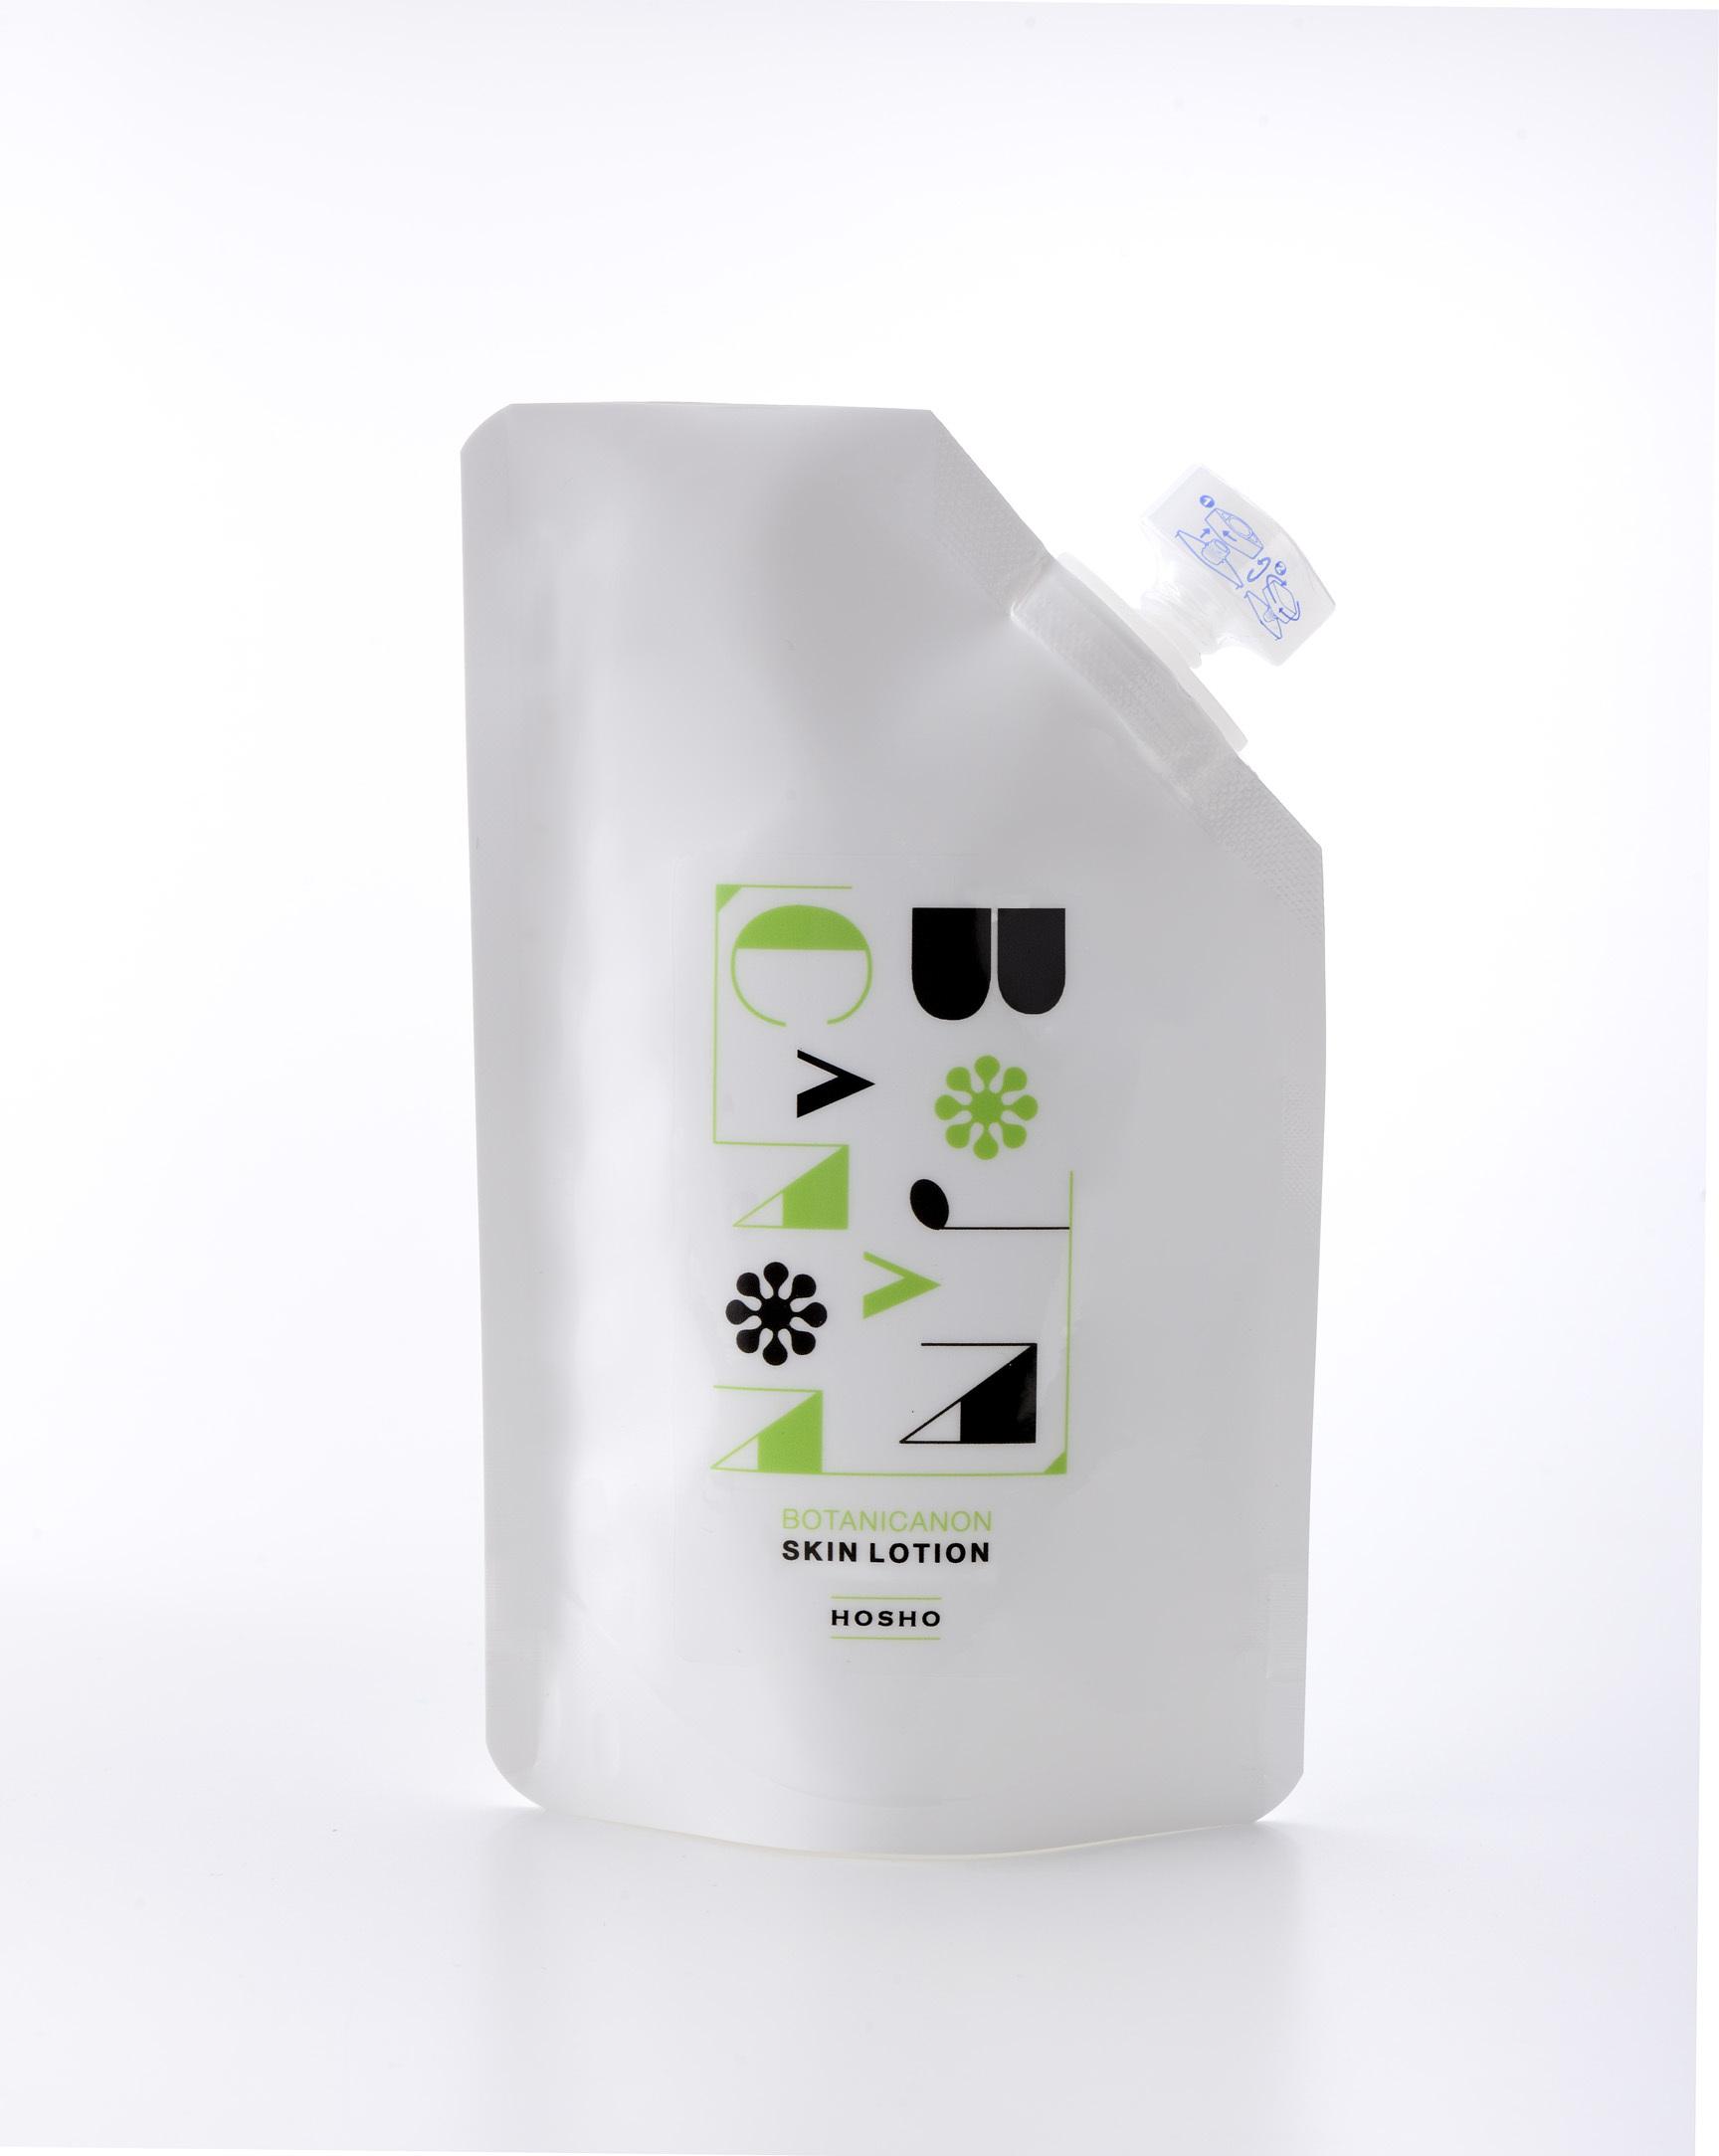 BOTANICANONスキンローション芳樟タイプ(詰替用150ml)